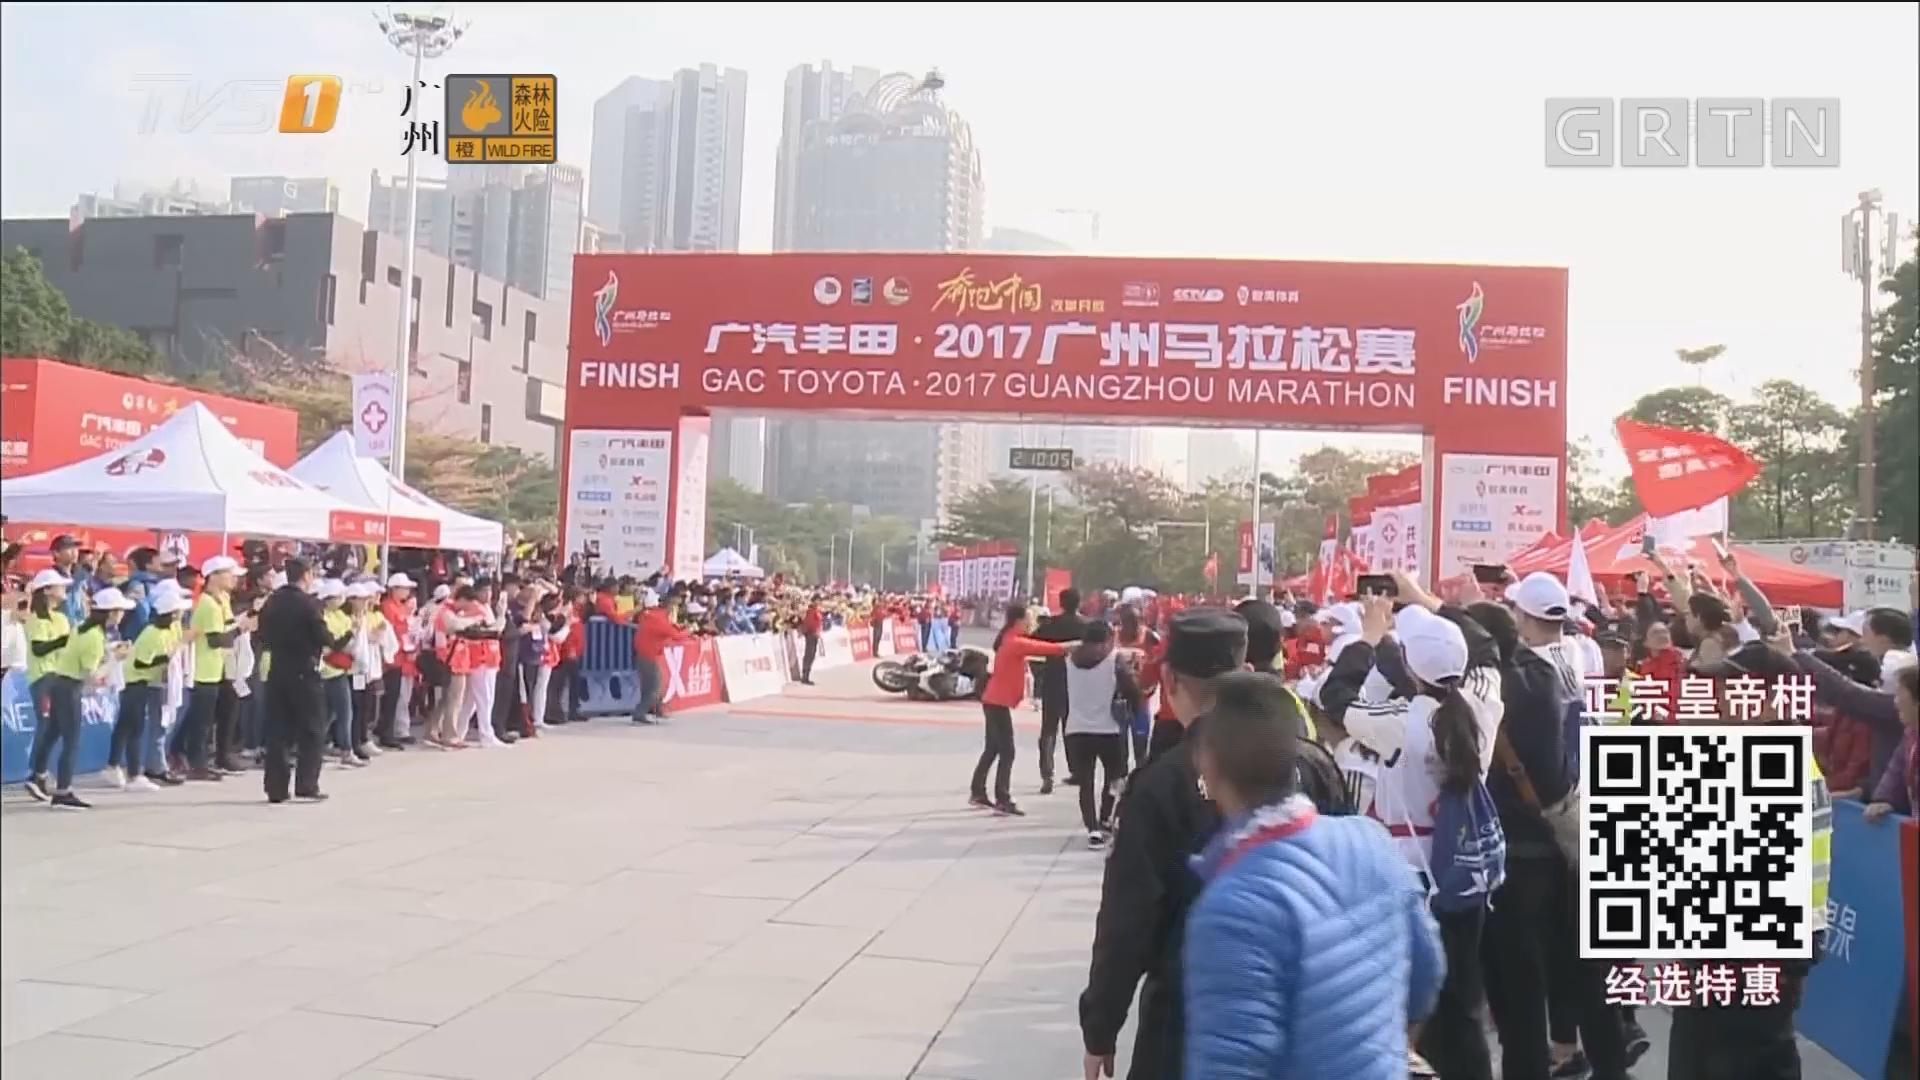 直击:肯尼亚选手广马夺冠 中国选手再创佳绩